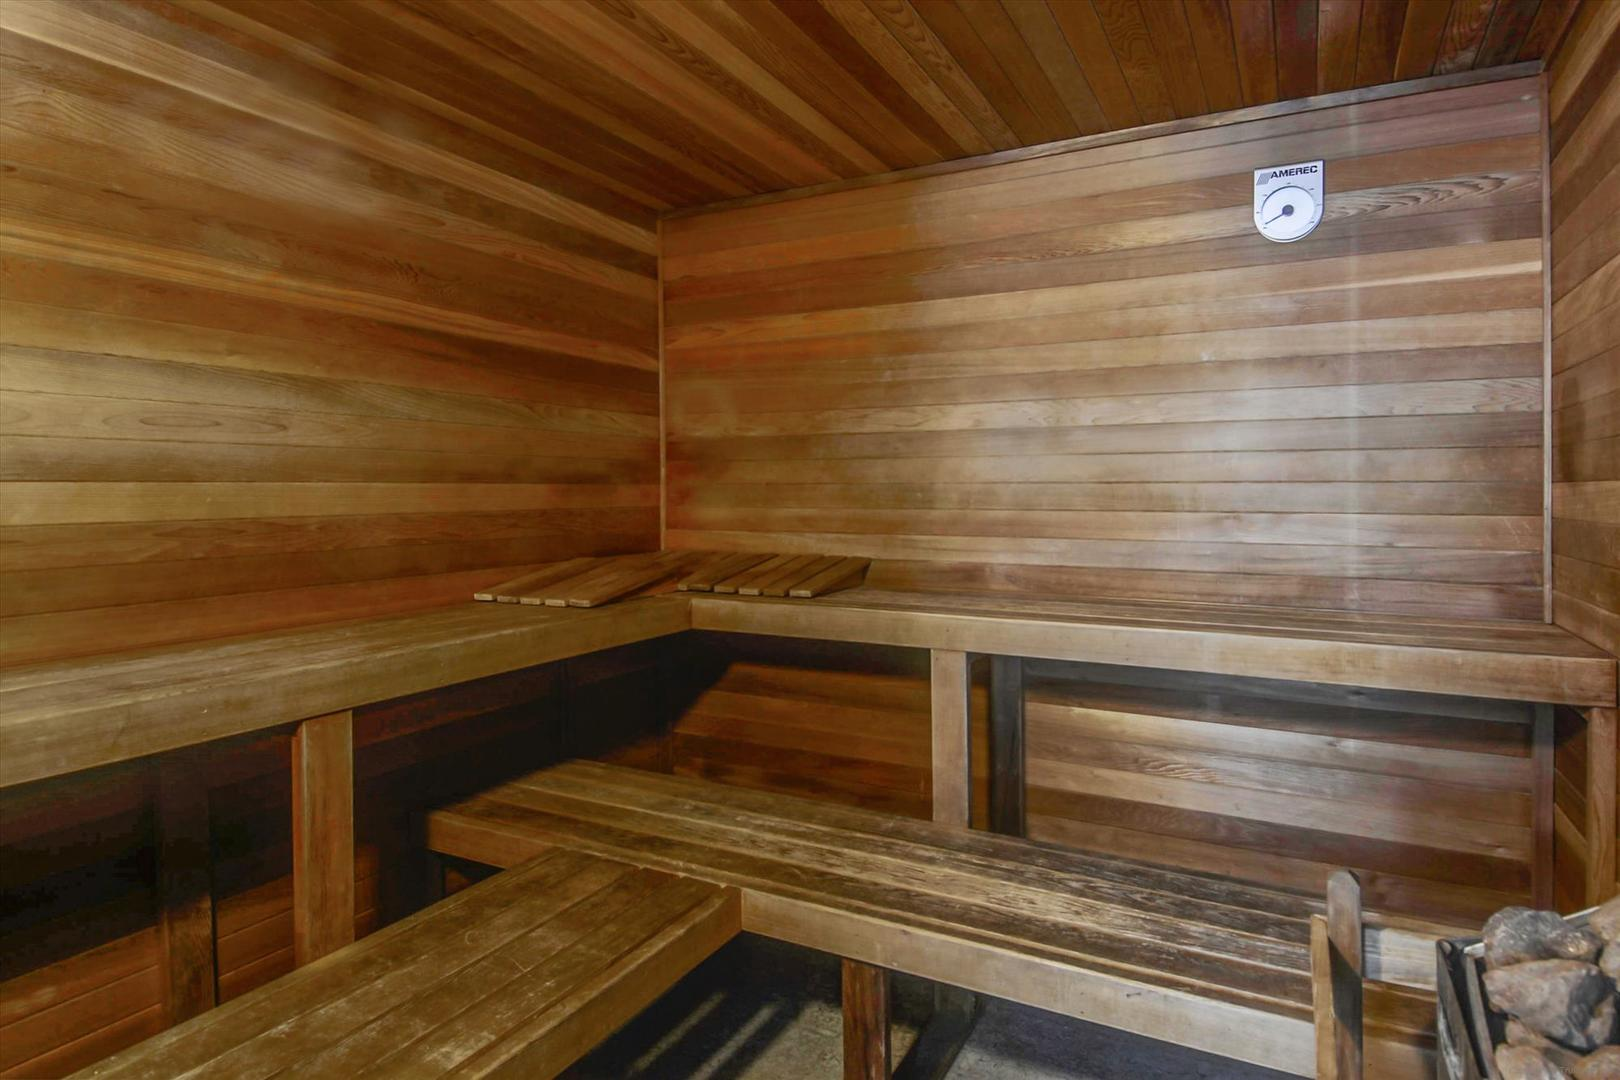 Sauna of Century I